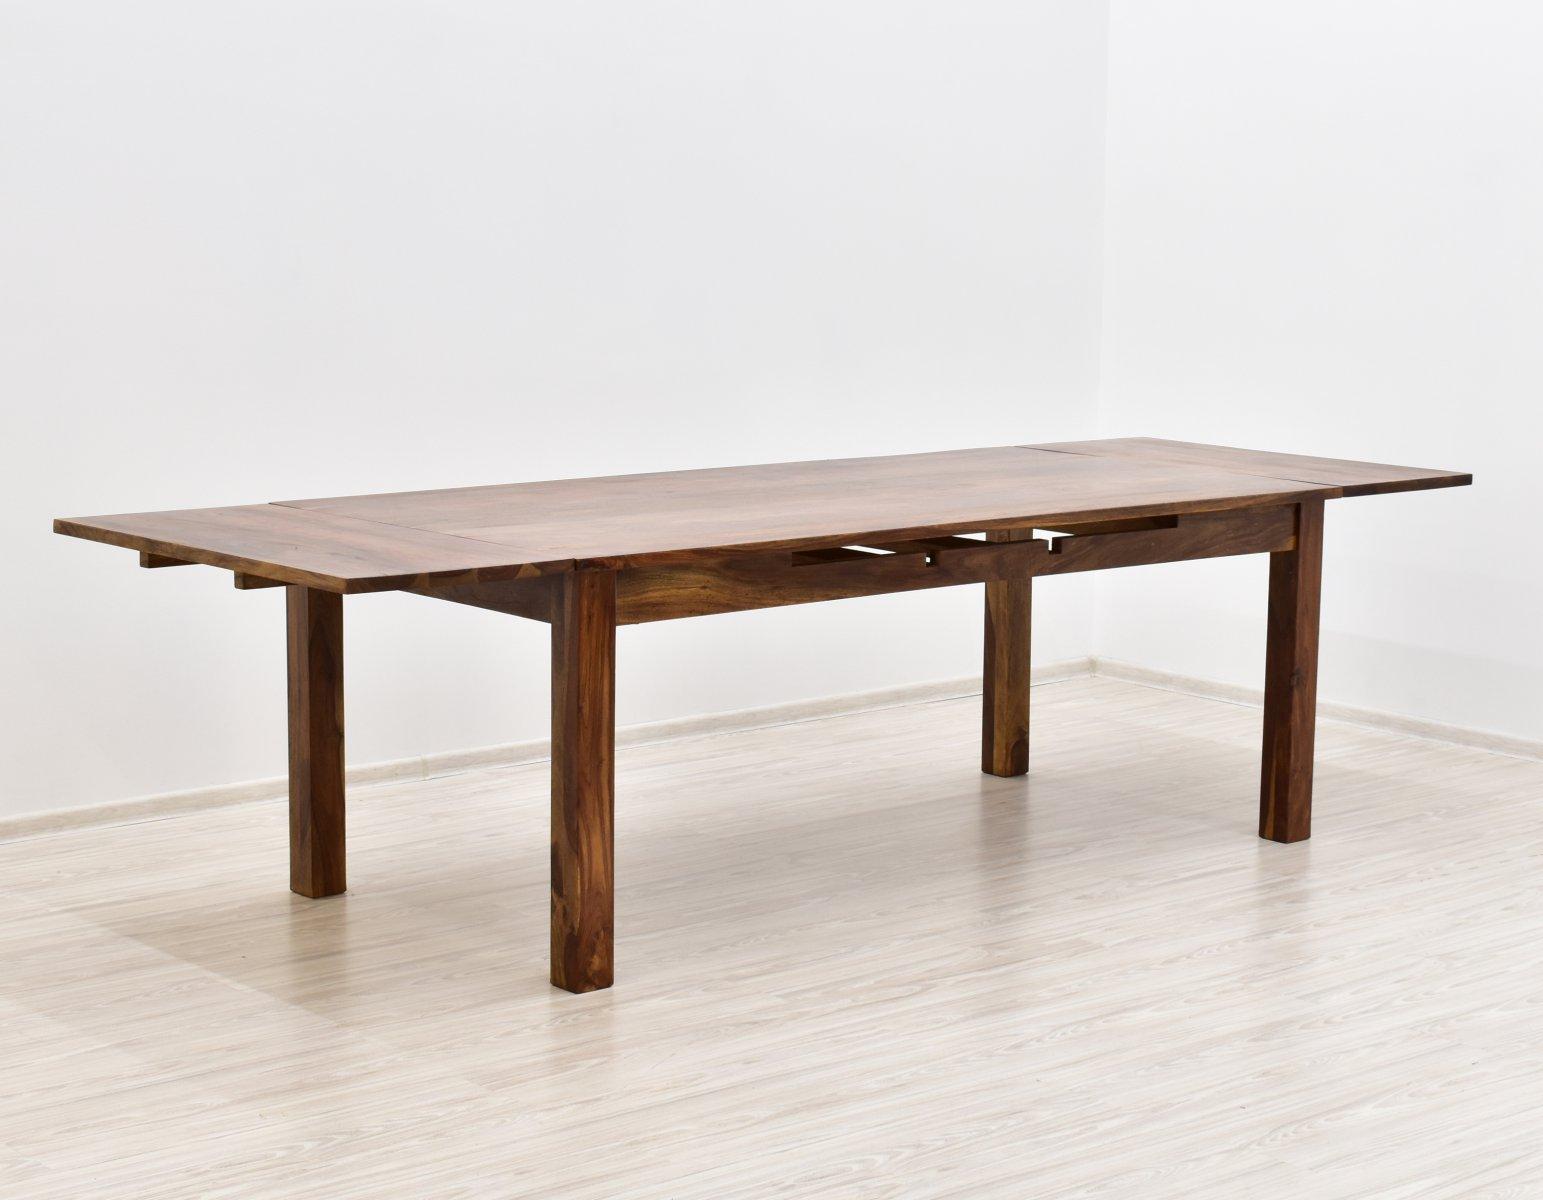 Stół kolonialny lite drewno palisander indyjski rozkładany jasny brąz nowoczesny duży